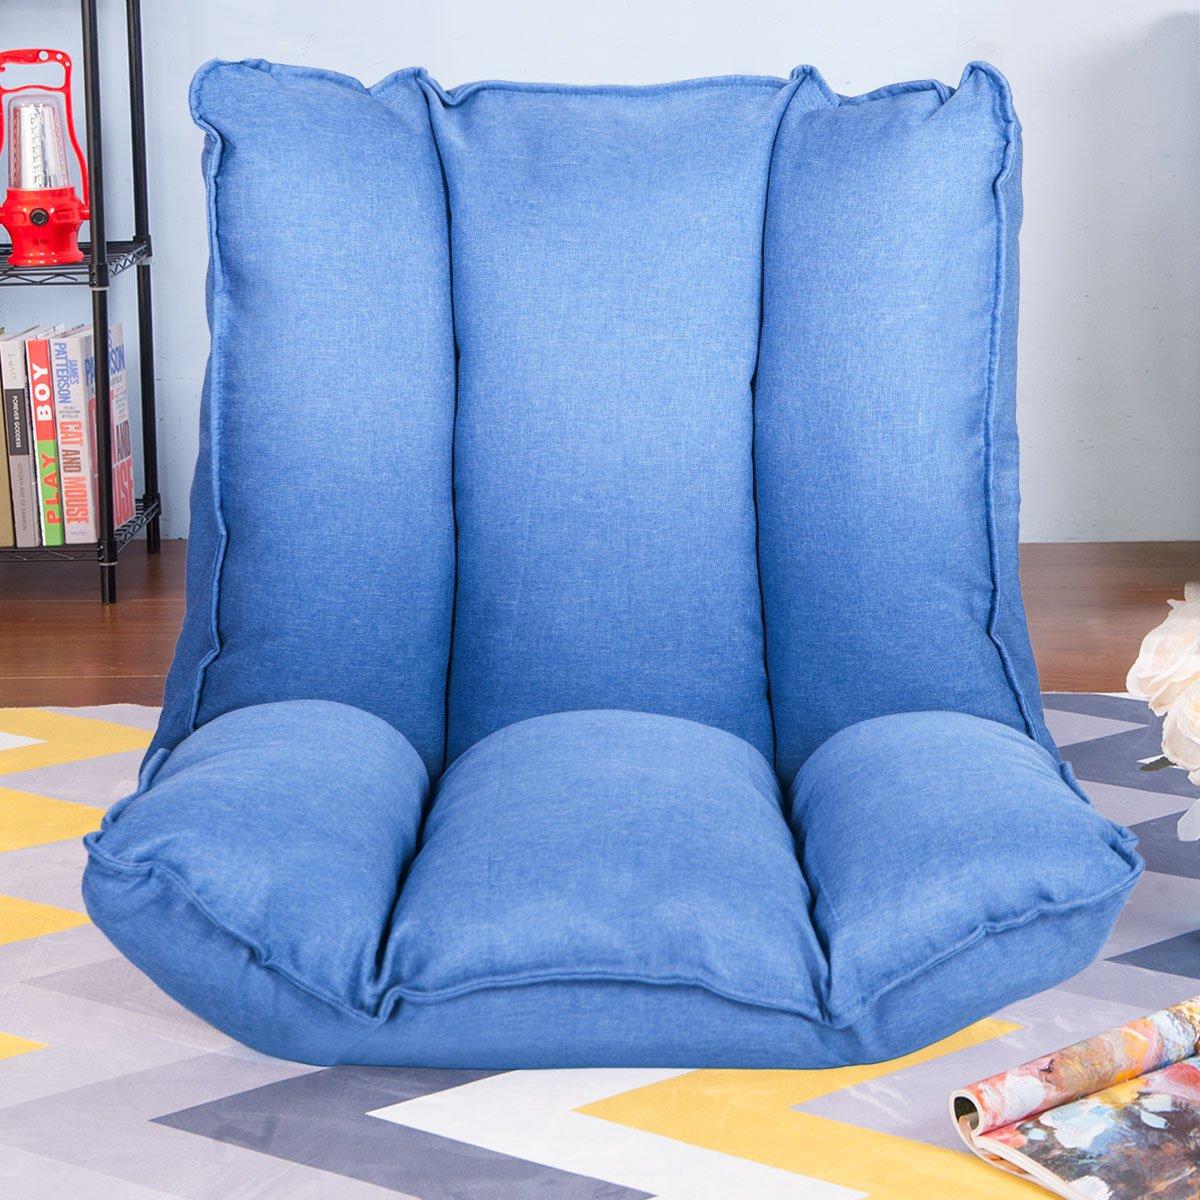 Amazon.com: Harper&Bright Designs - Silla plegable de 5 ...